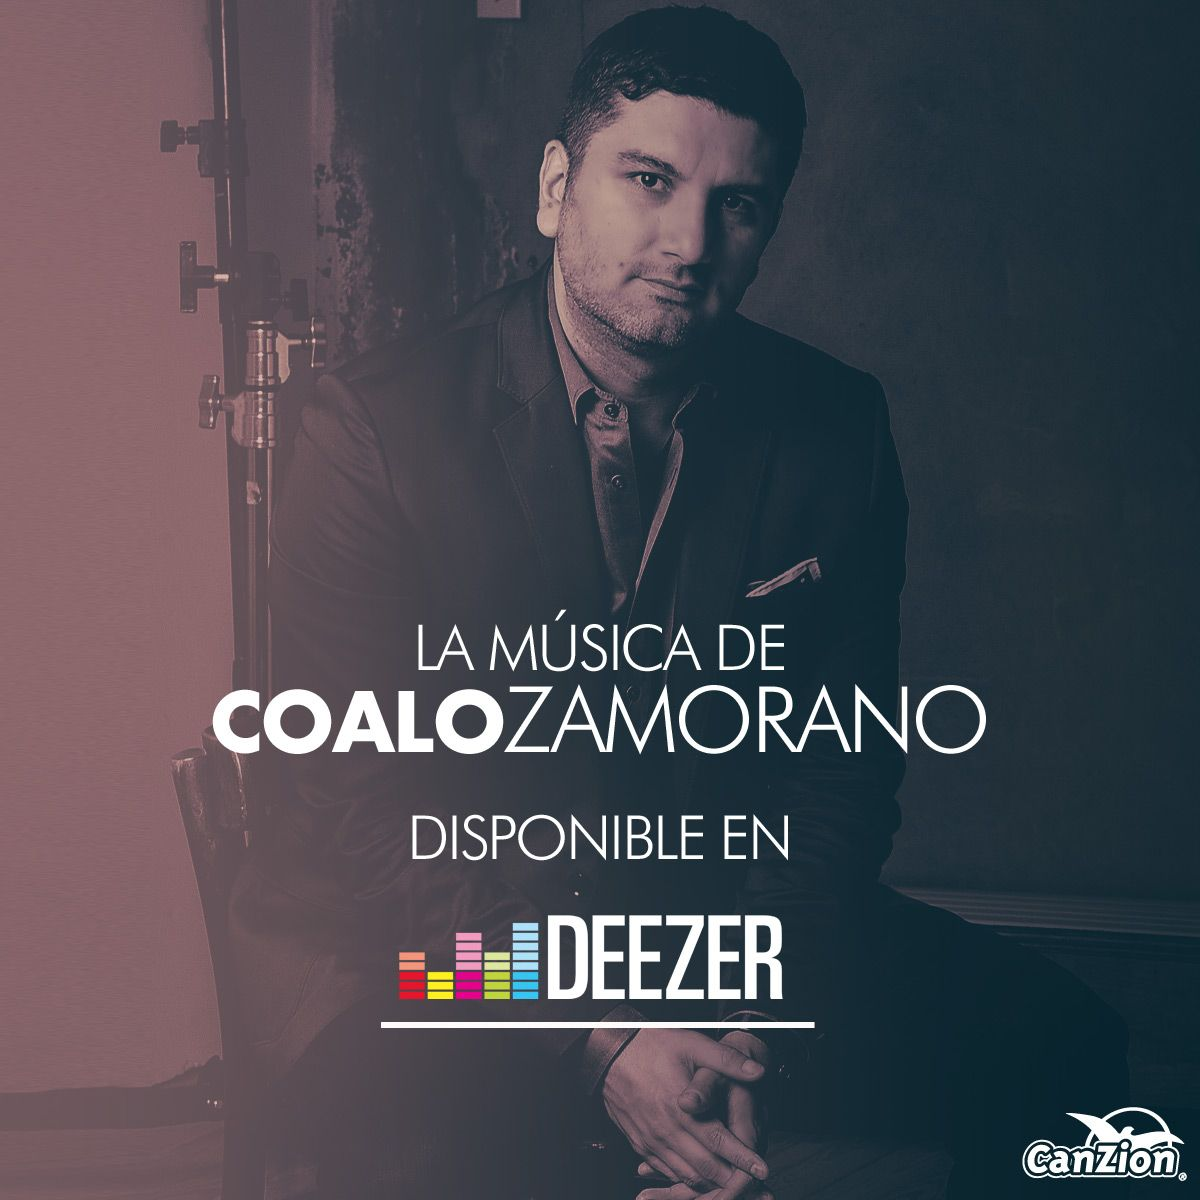 Ahora puedes disfrutar la música de Coalo Zamorano, disponible en #Deezer ➜ http://bit.ly/2aiigml